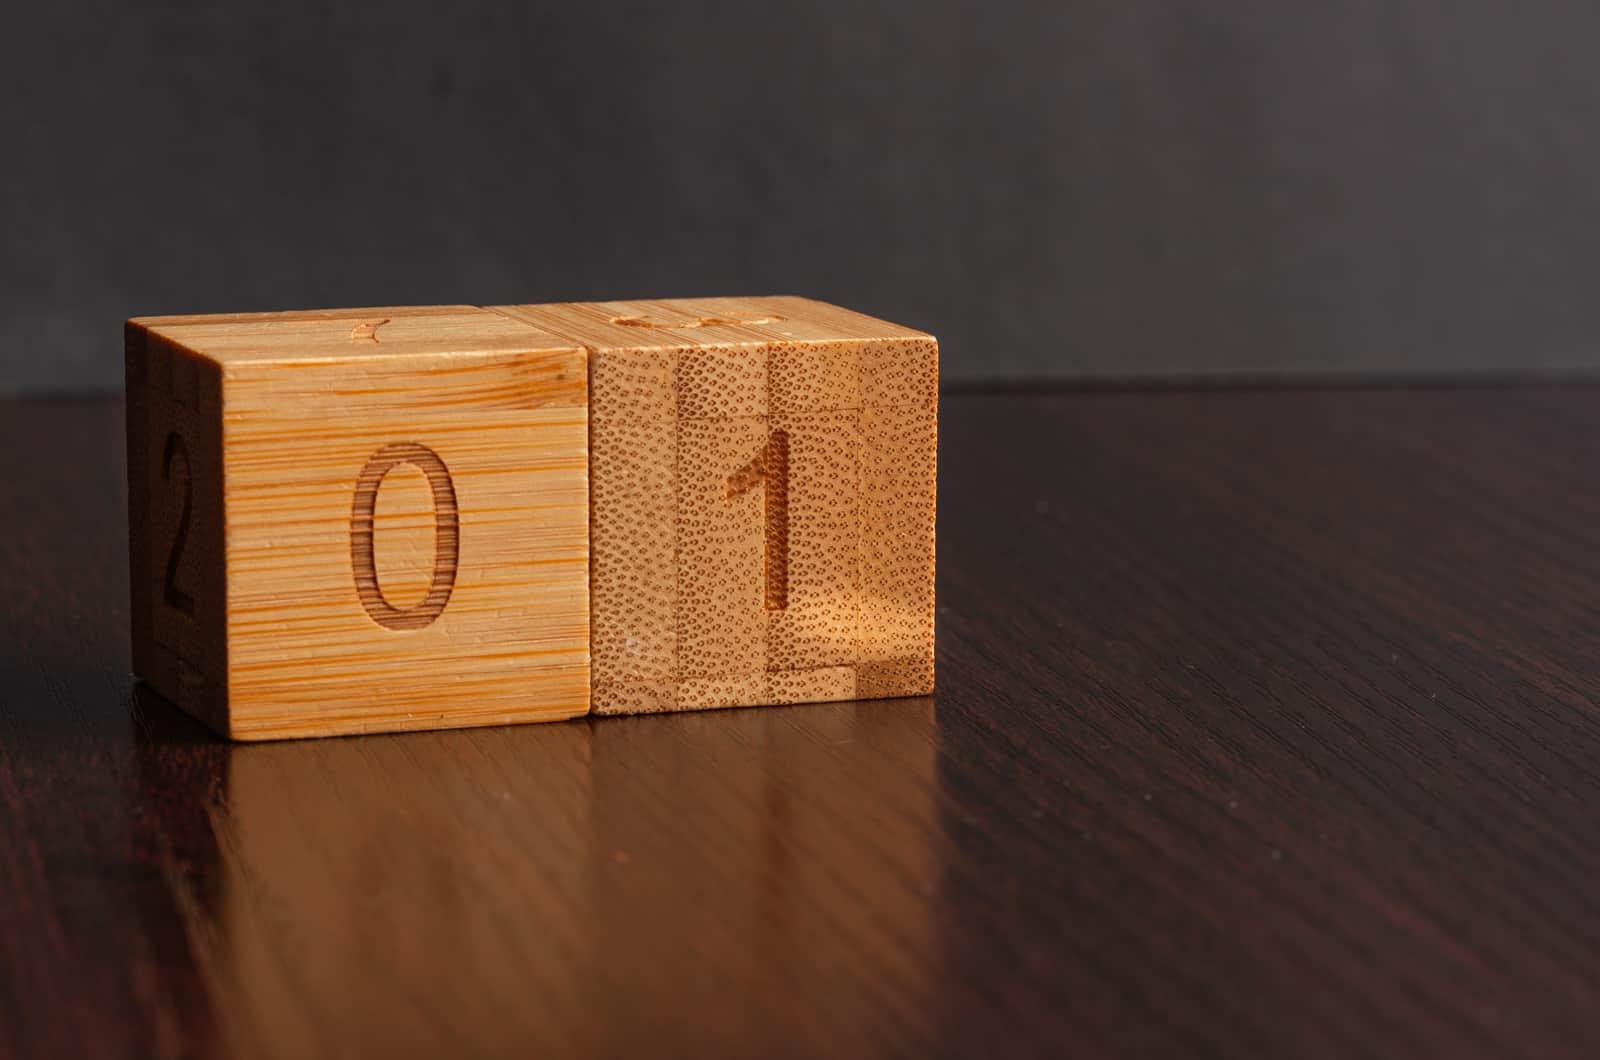 01 Nummer auf einem Blockpaar